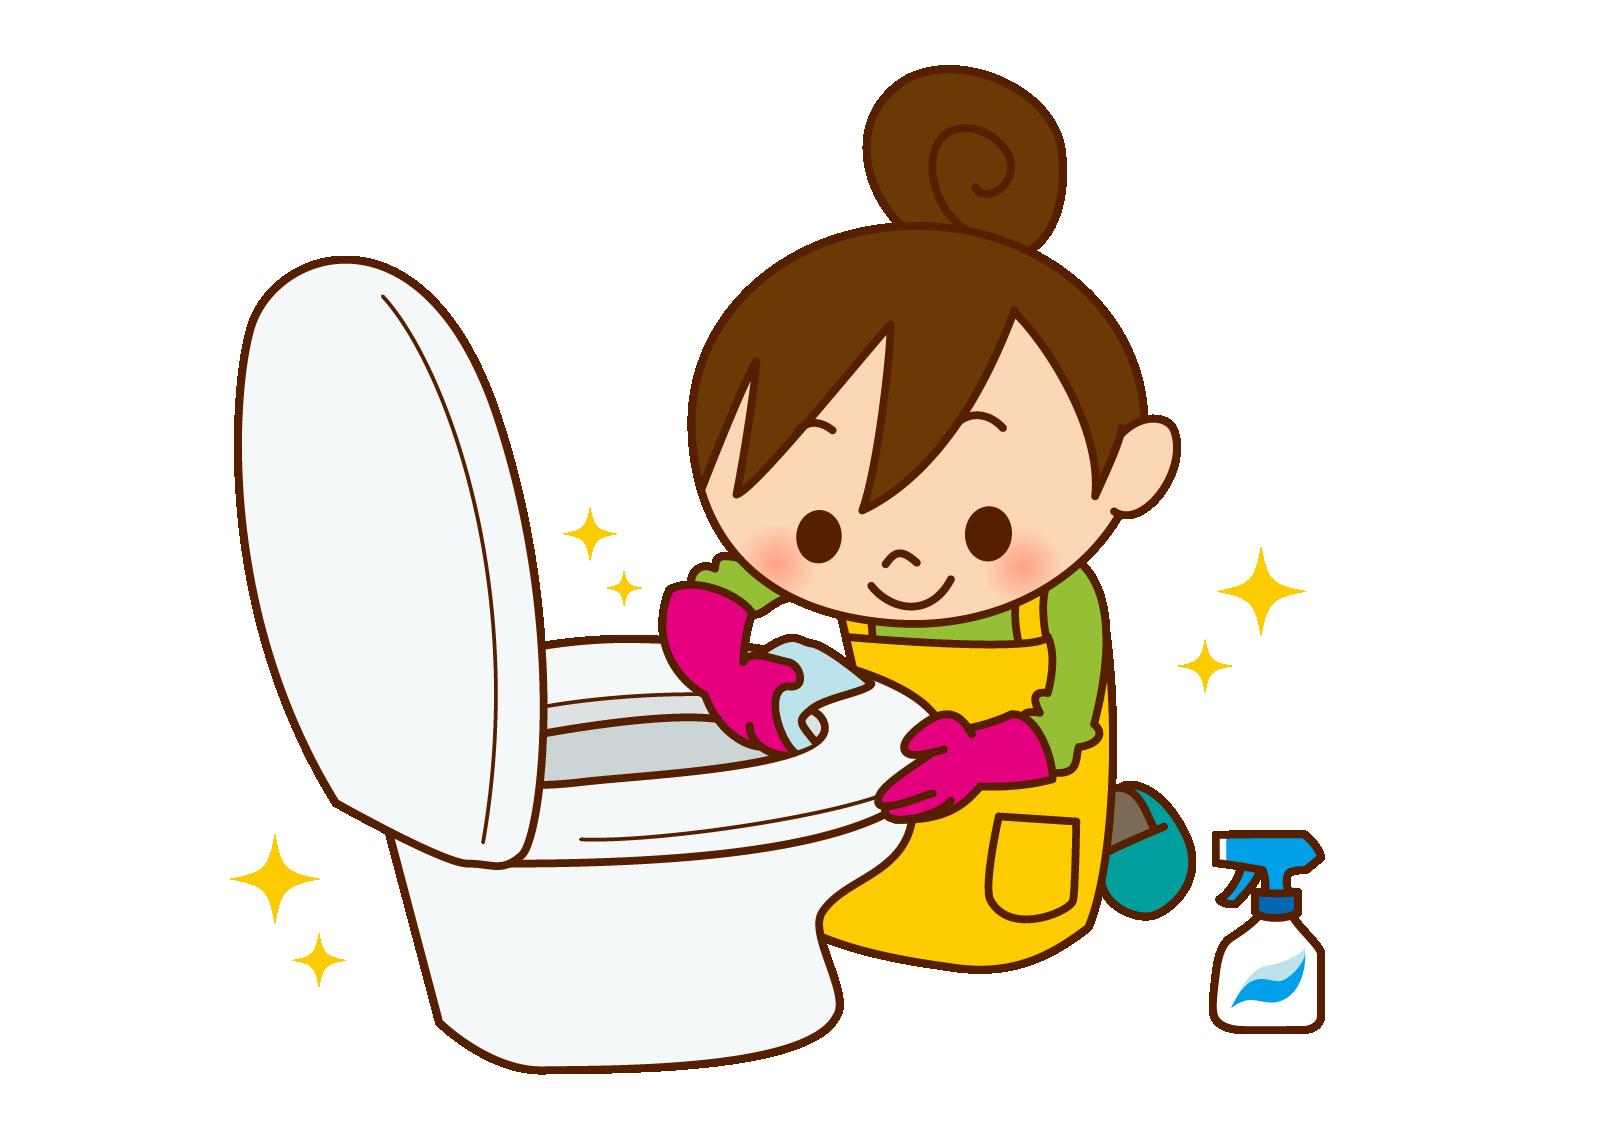 【オノマトペ】ピカピカの意味と例文